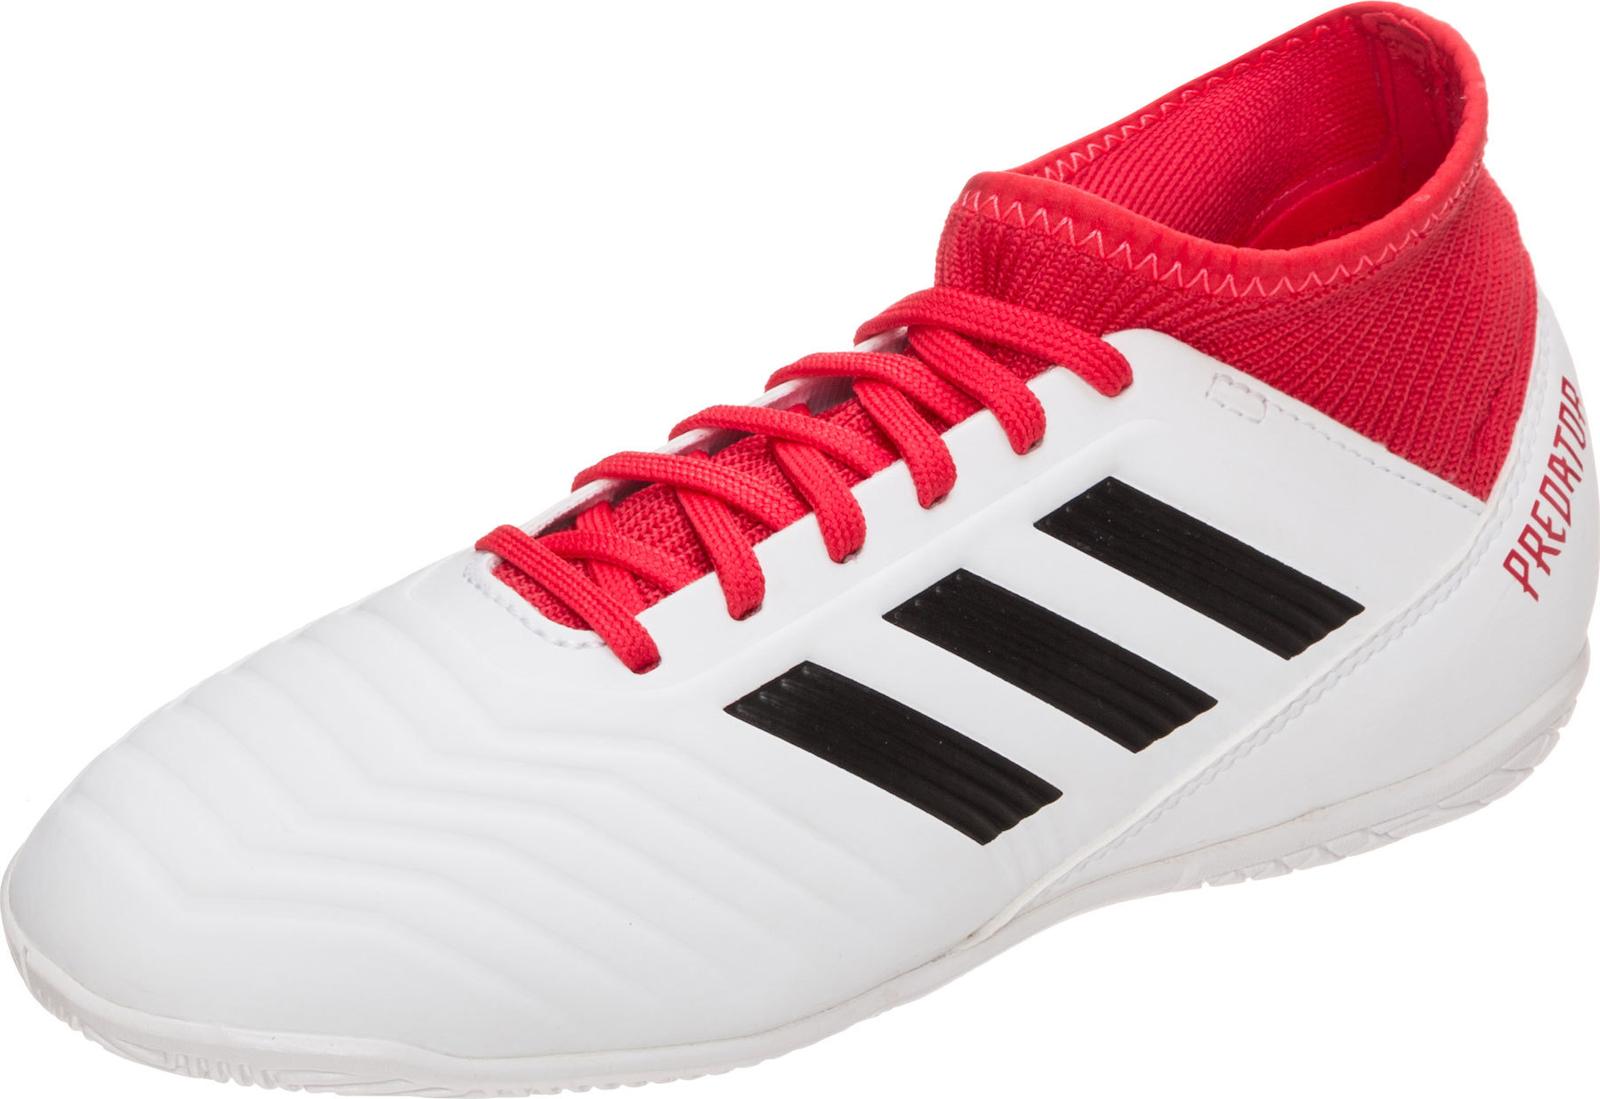 dfe0dd9c375 Adidas Predator Tango 18.3 Indoor Boots CP9073 - Skroutz.gr